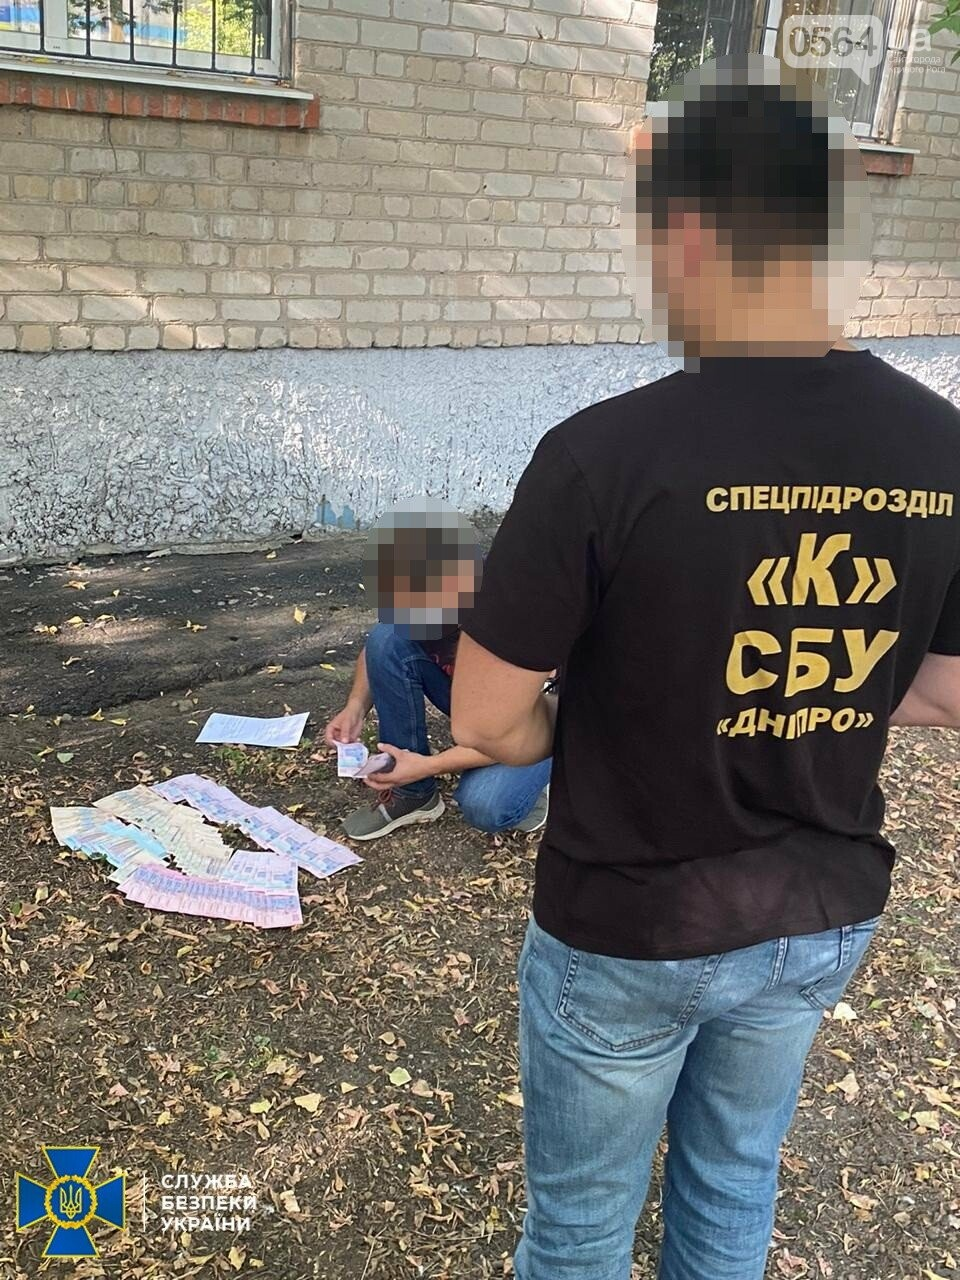 На Днепропетровщине прокурора хотели задержать на взятке, а он выбросил деньги в окно, - ФОТО, ВИДЕО, фото-3